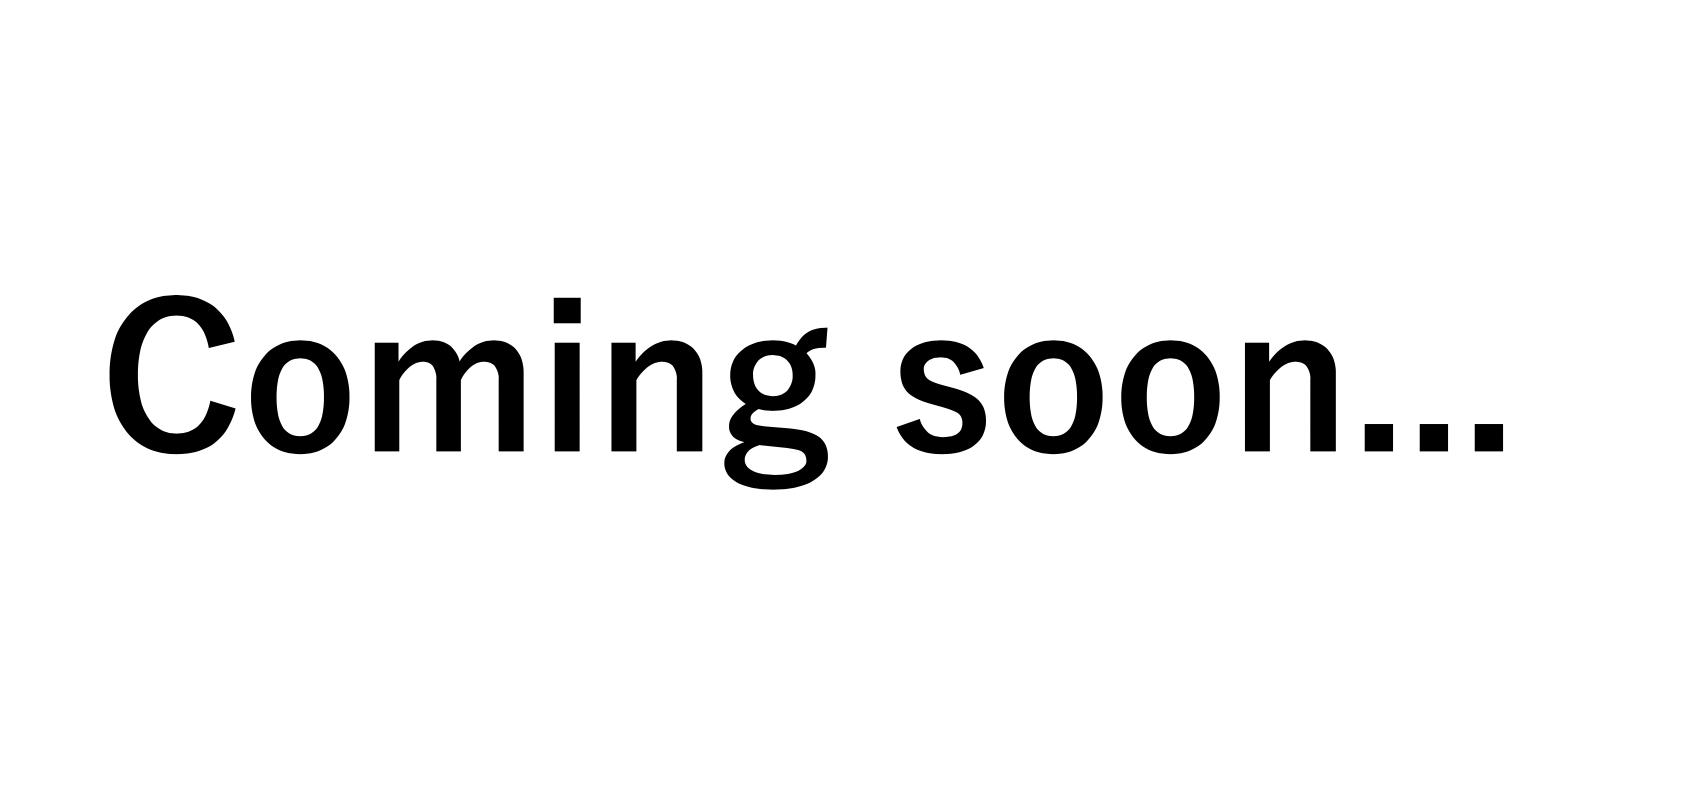 スクリーンショット 2020-06-03 12.54.59